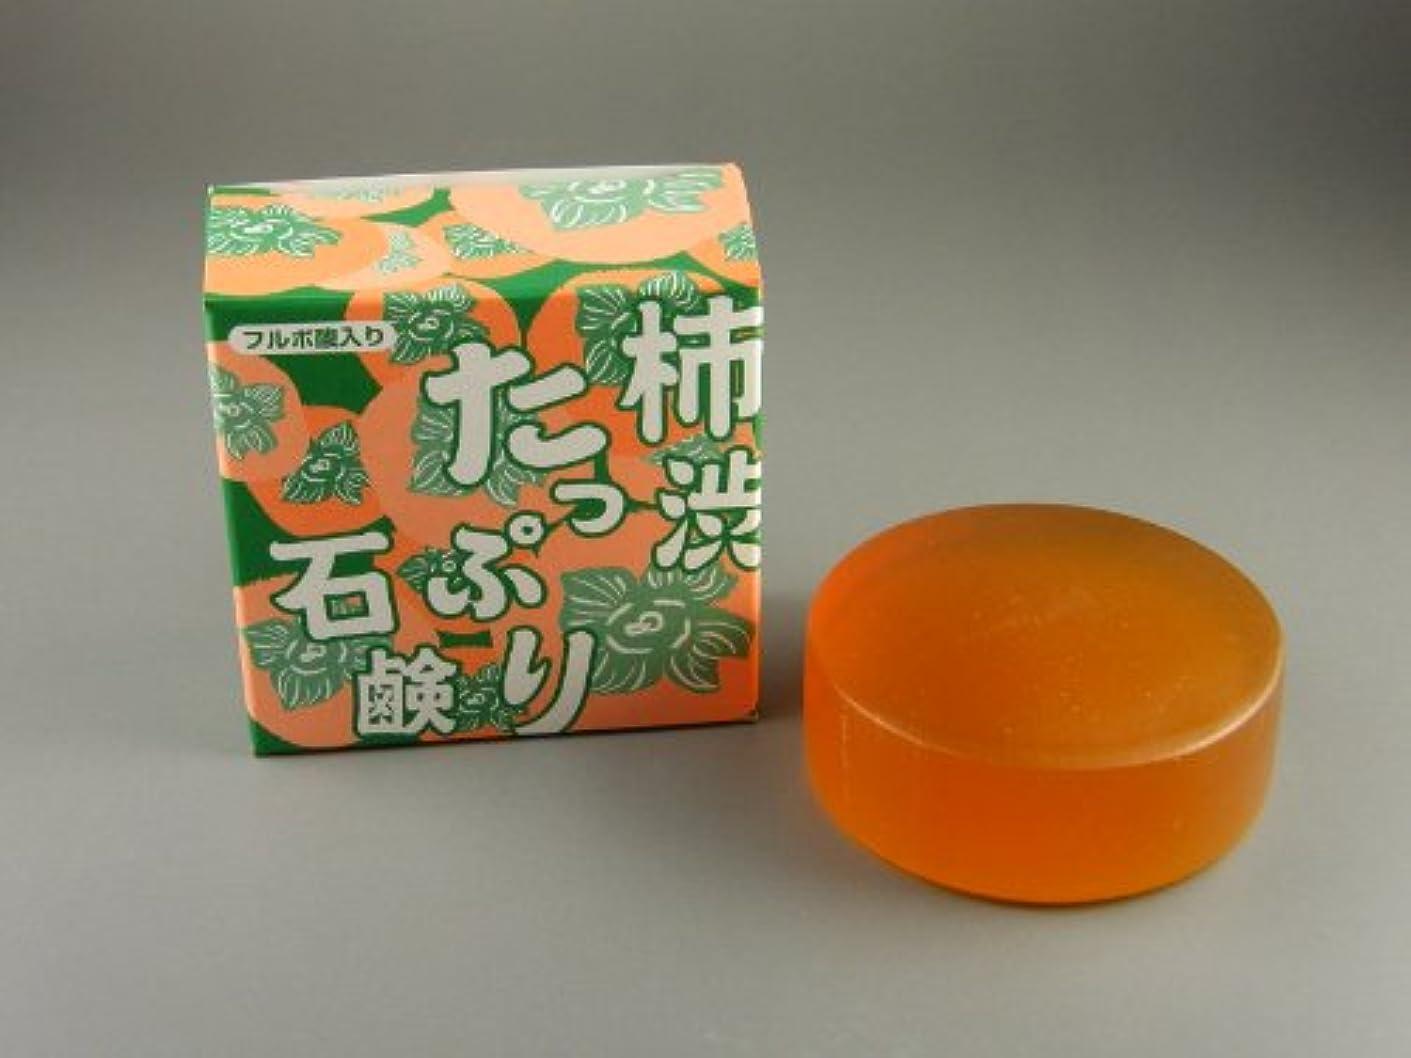 レース同行する名前で柿渋たっぷり石鹸 100g(フルボ酸入り)